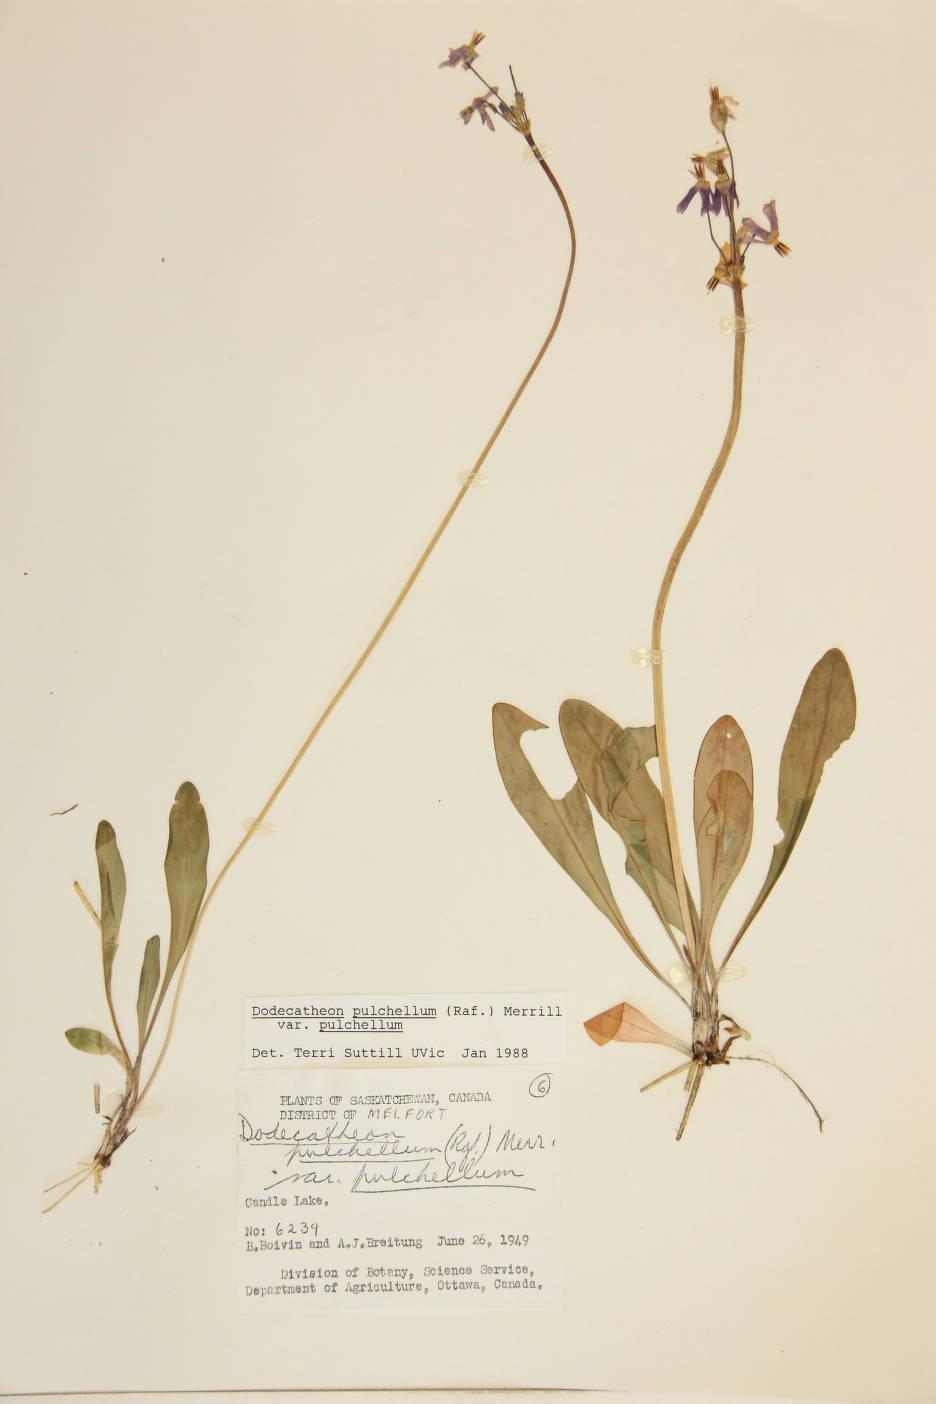 Dodecatheon pulchellum var. pulchellum image